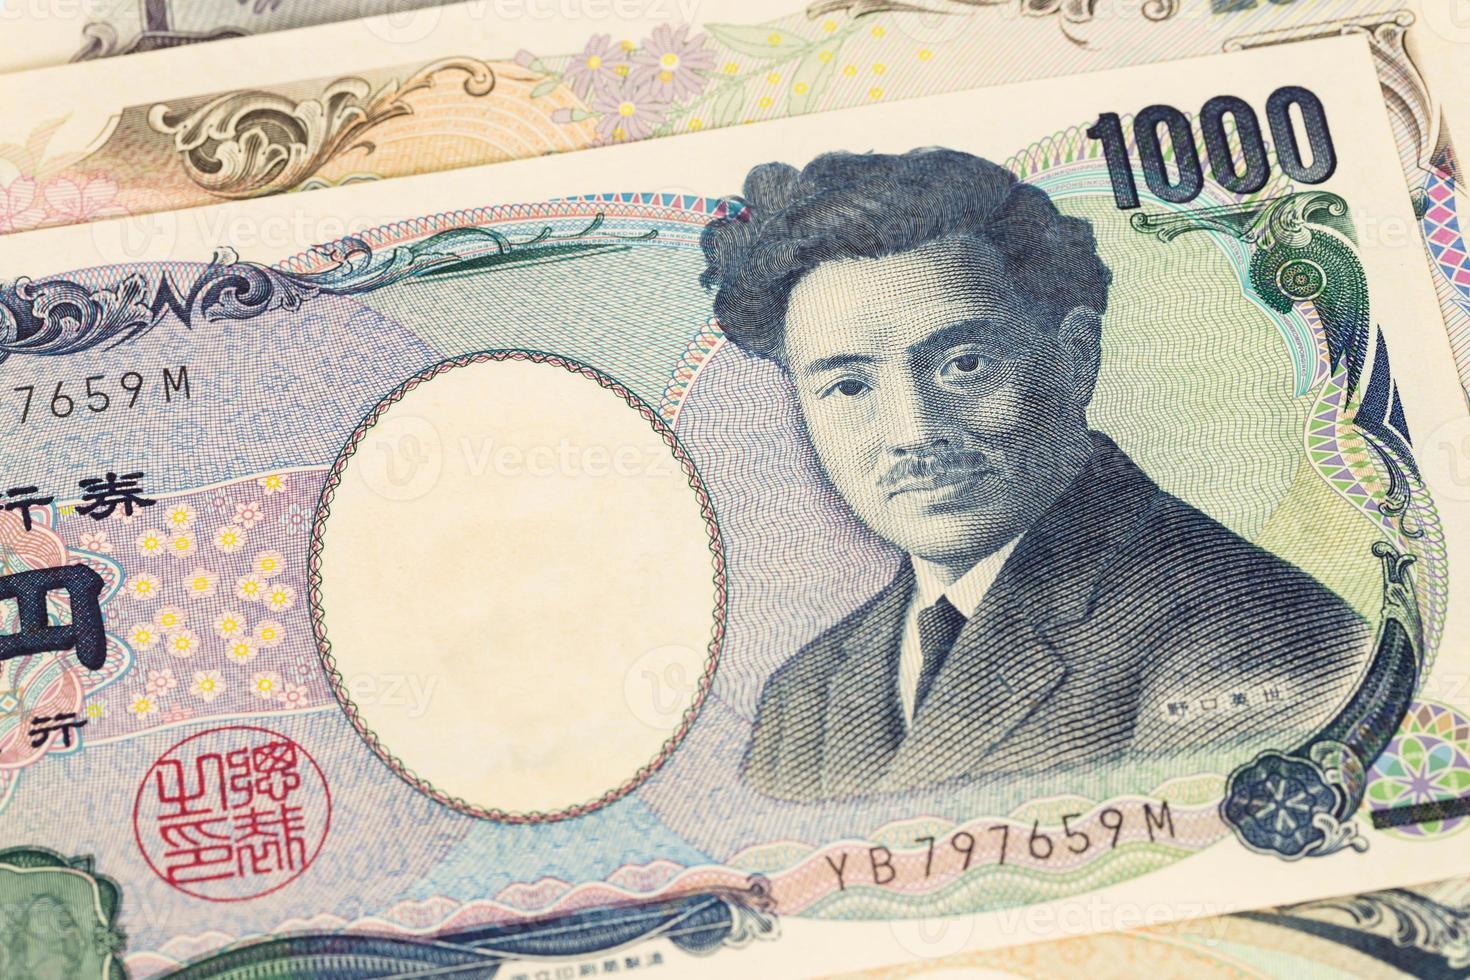 japanische Geld Yen Banknote Nahaufnahme foto